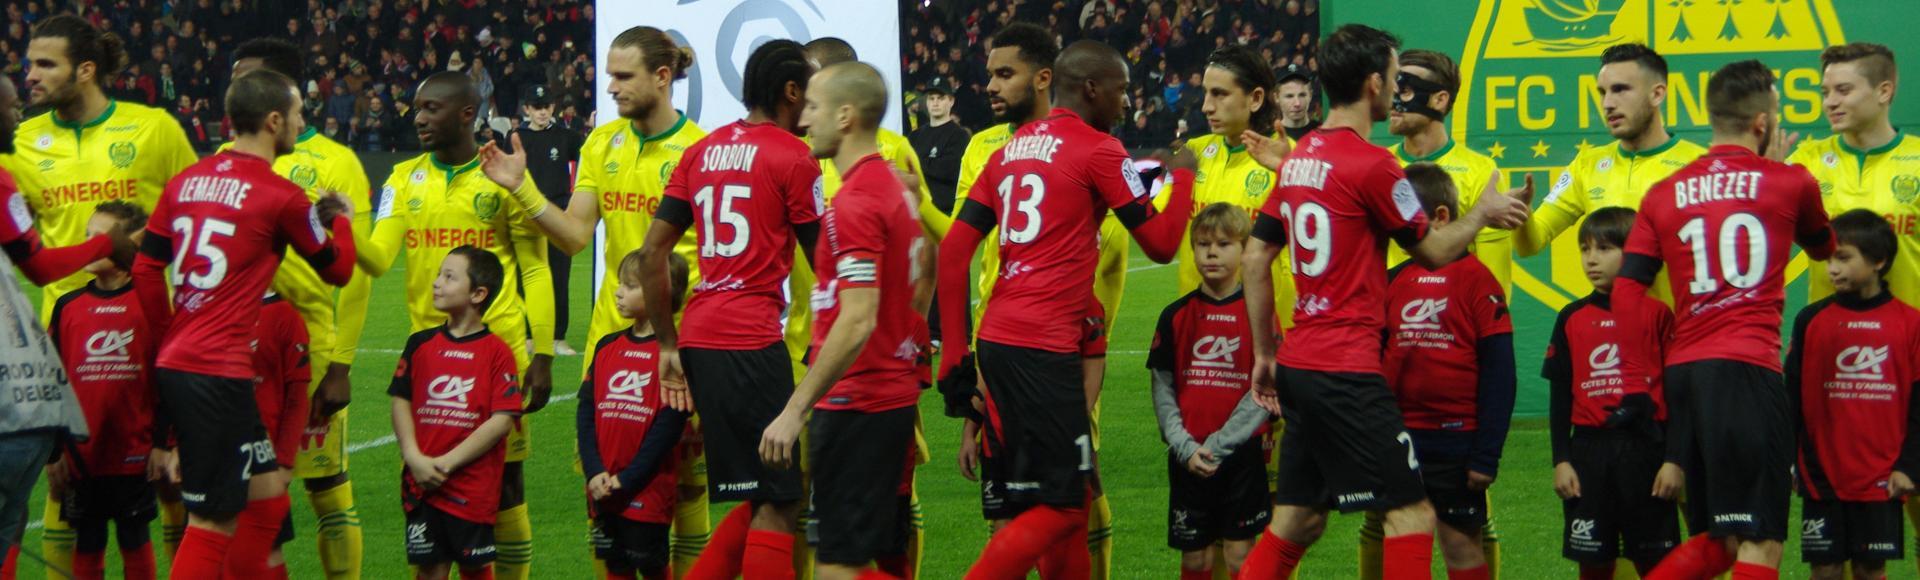 Date Match Guingamp Nantes